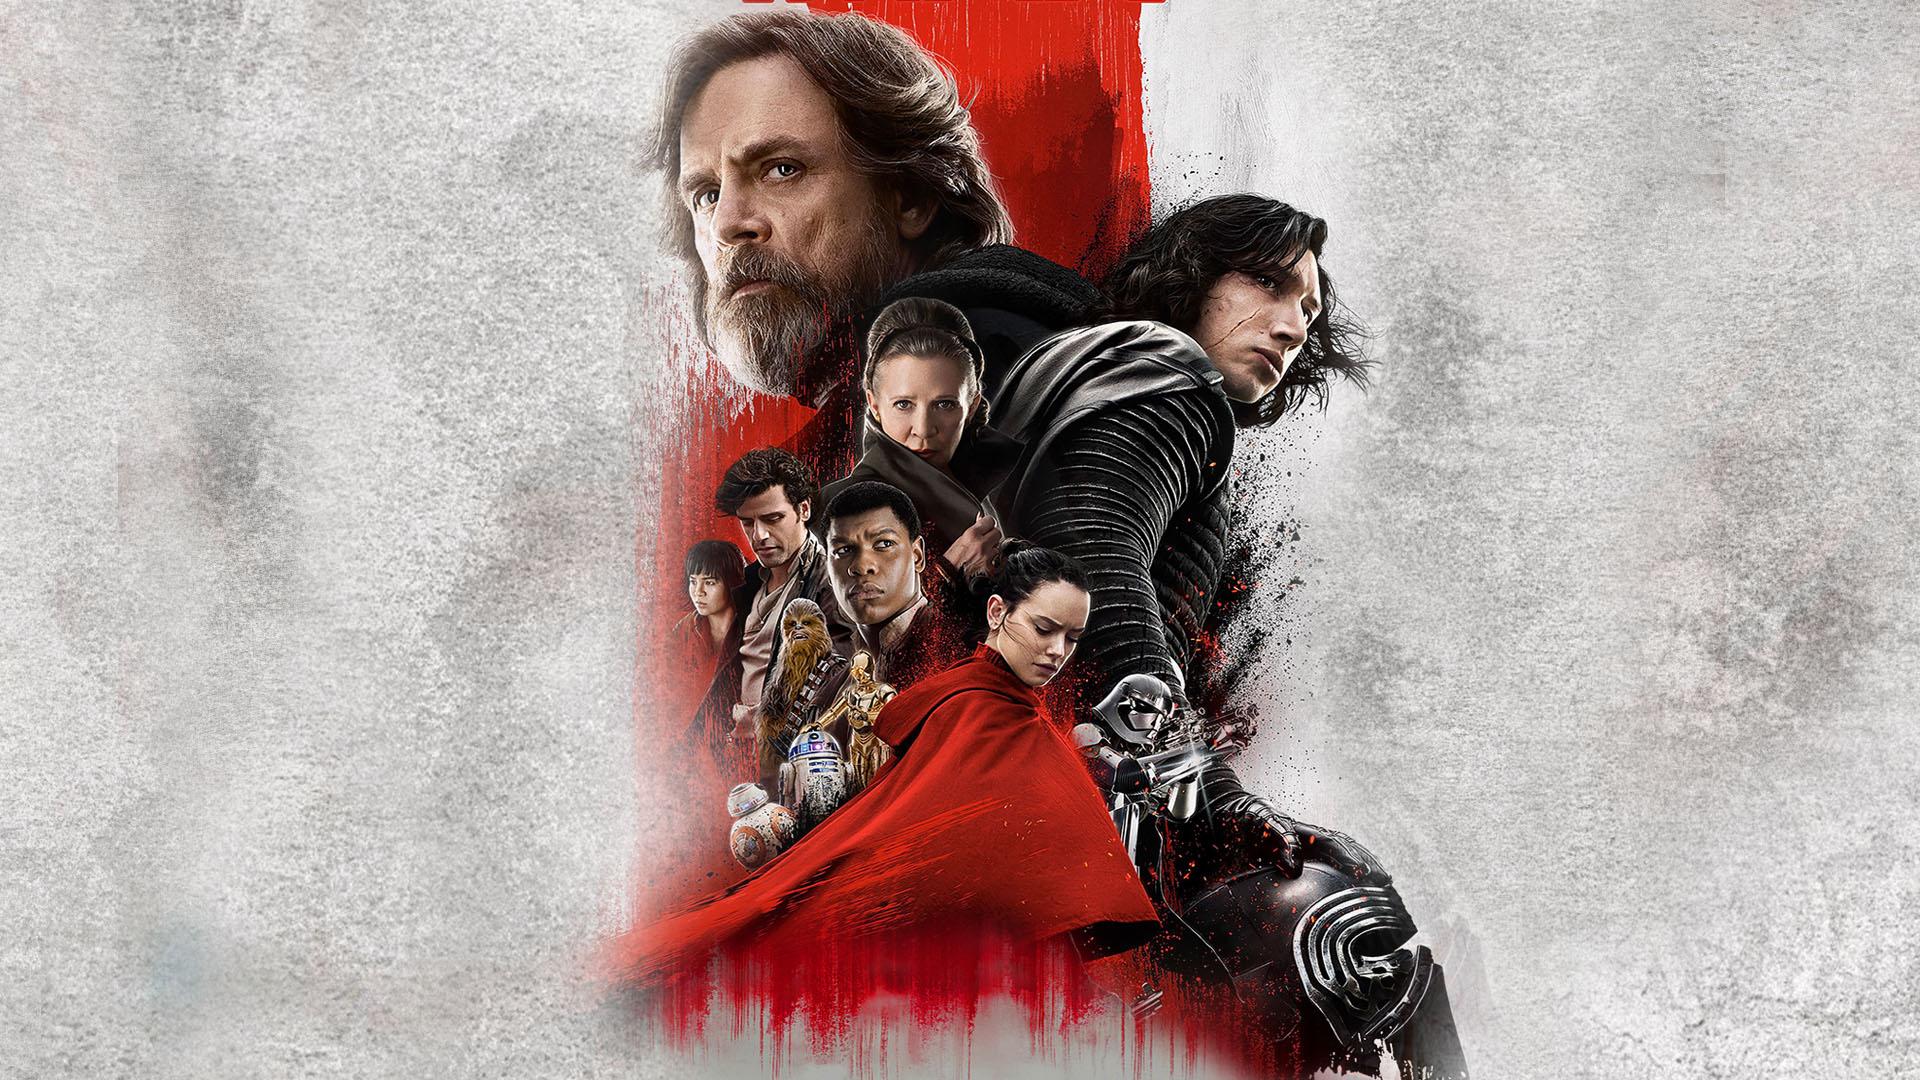 Wallpaper 1920x1080 Px Movie Poster Movies Star Wars The Last Jedi 1920x1080 Wallbase 1430957 Hd Wallpapers Wallhere